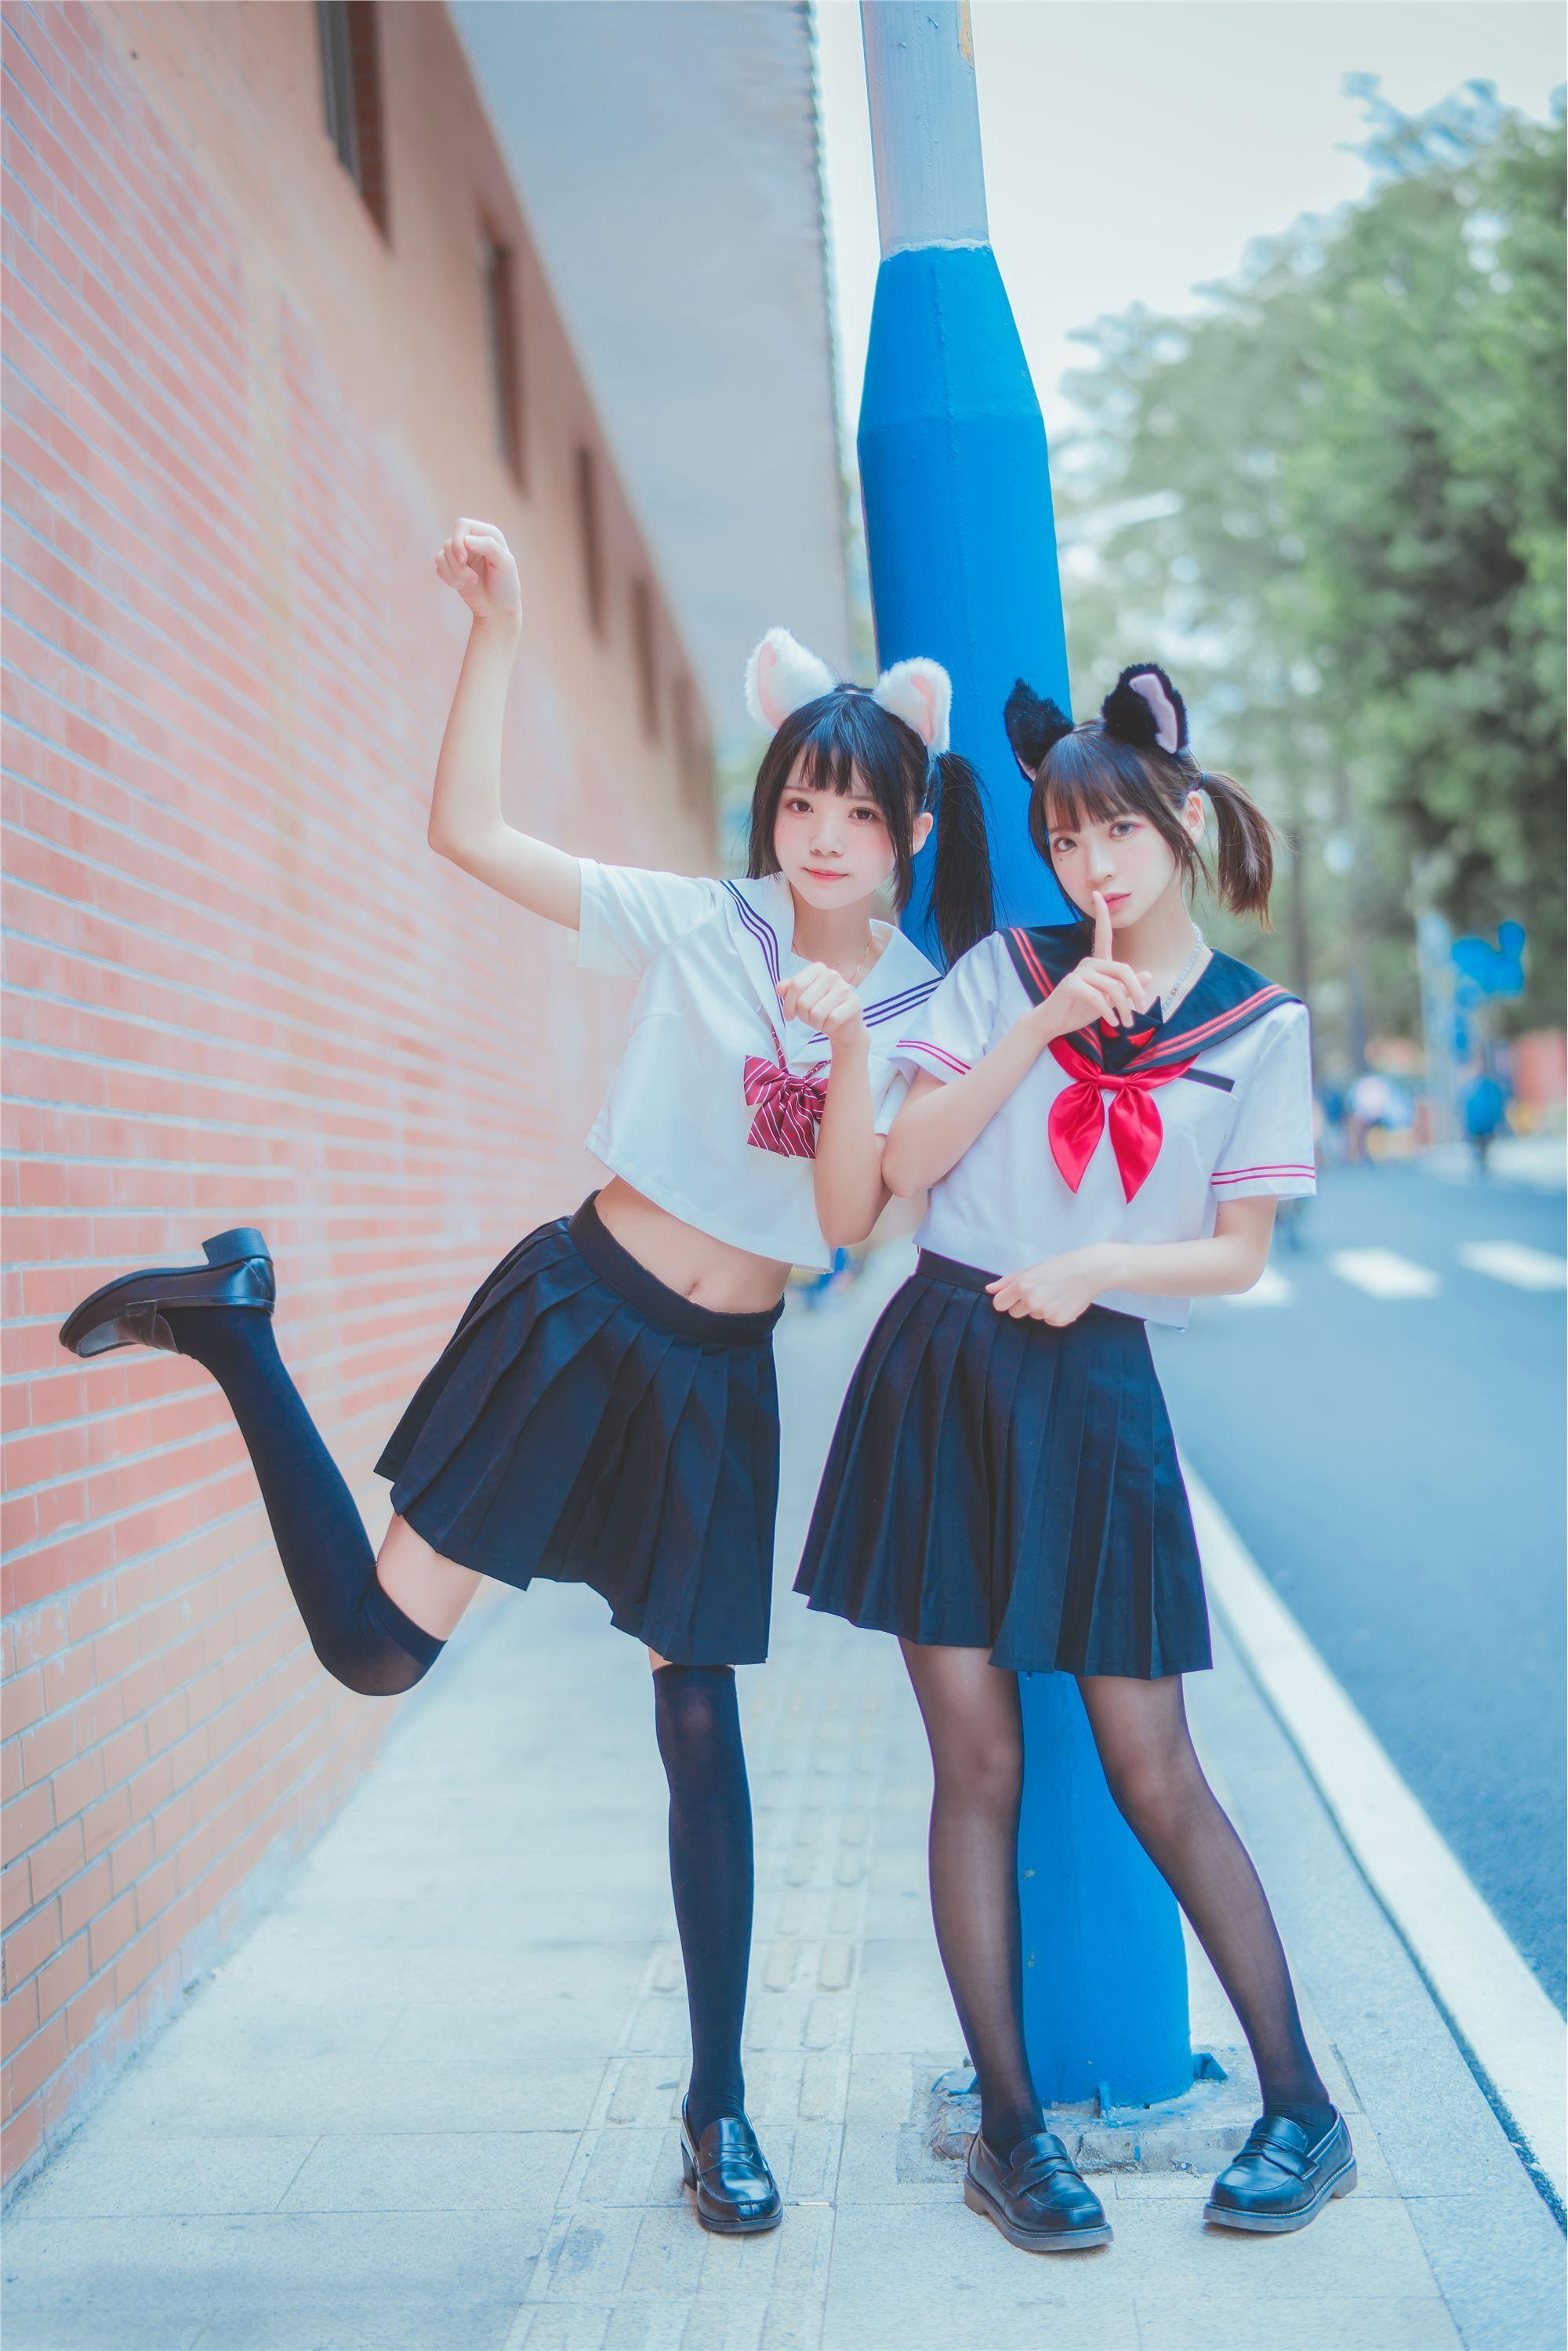 疯猫ss – JK百合2(1)